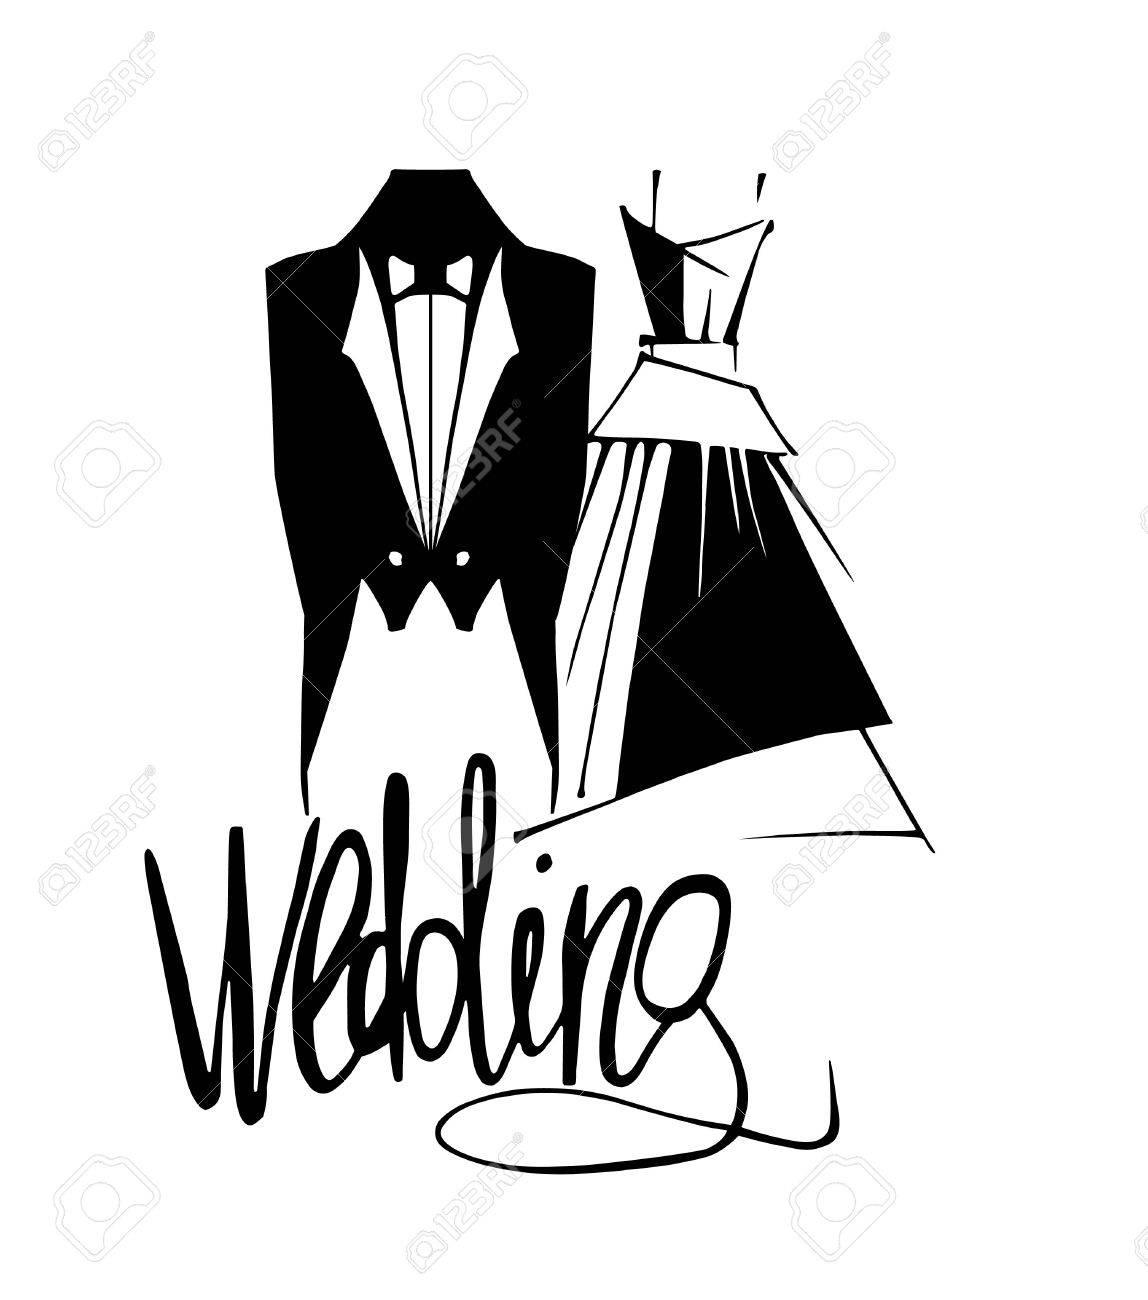 結婚式の新郎新婦の衣装ベクトル イラストですのイラスト素材